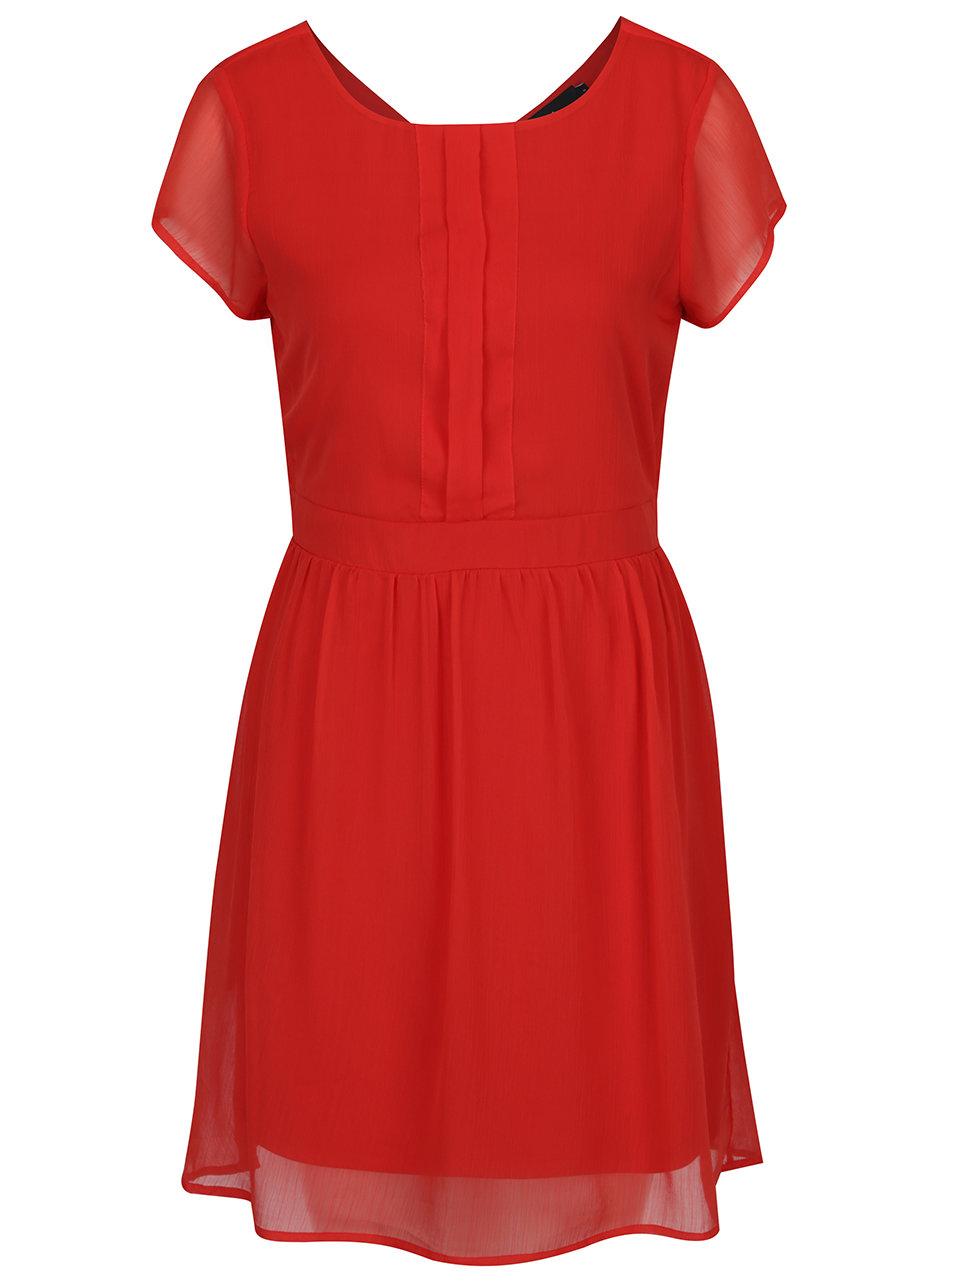 bdf31cf7ae55 Červené šaty s véčkovým výstrihom na chrbte VERO MODA Lisa ...